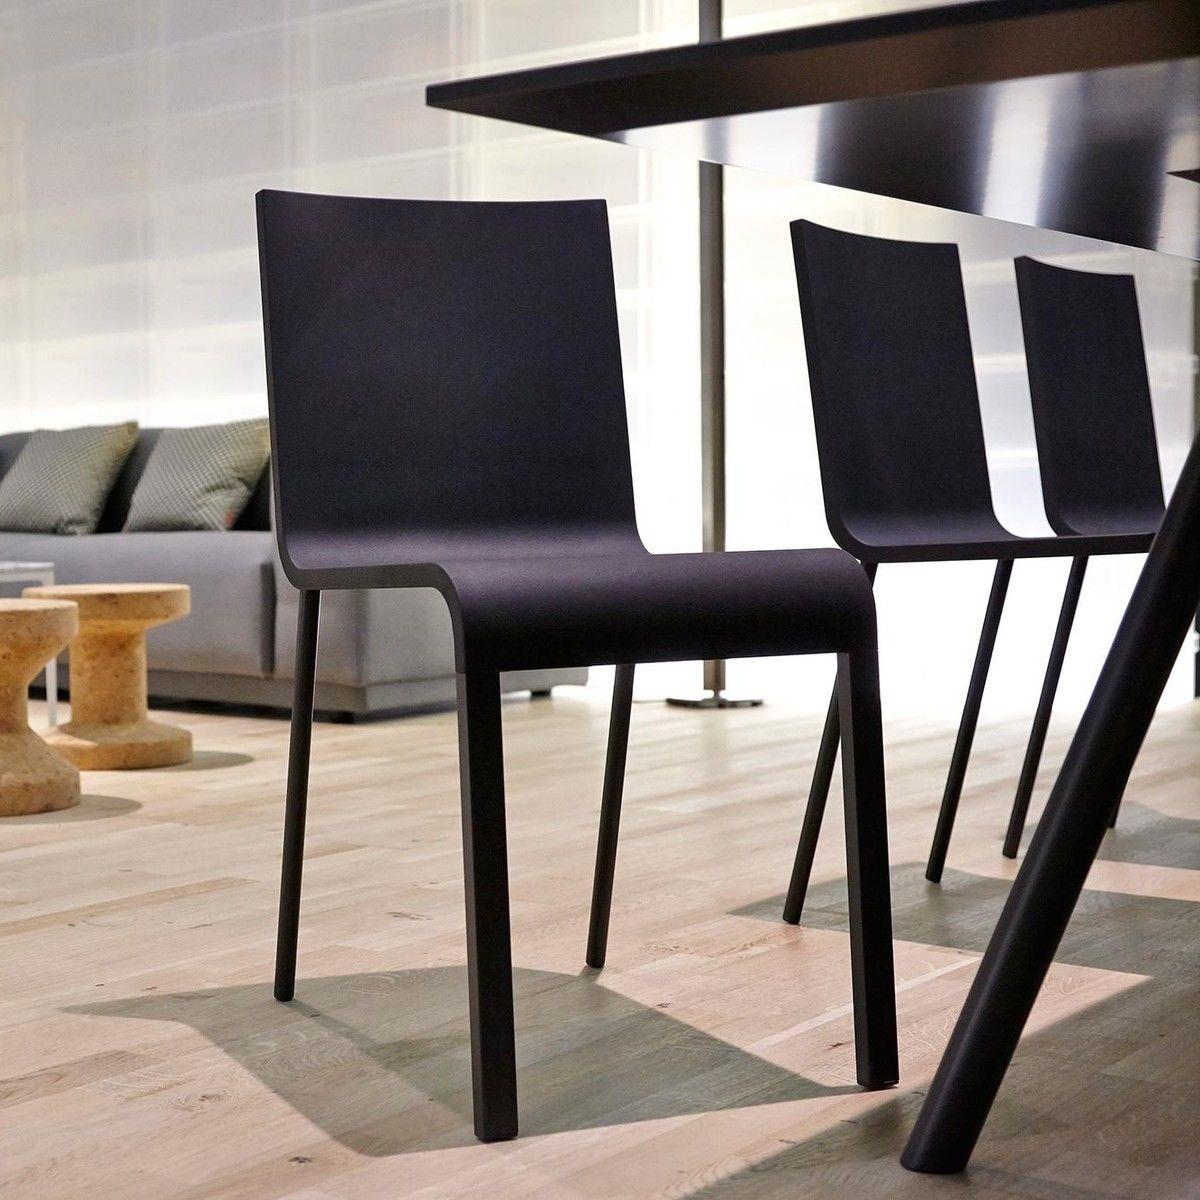 03 Chair Vitra – Vitra 03 Chair